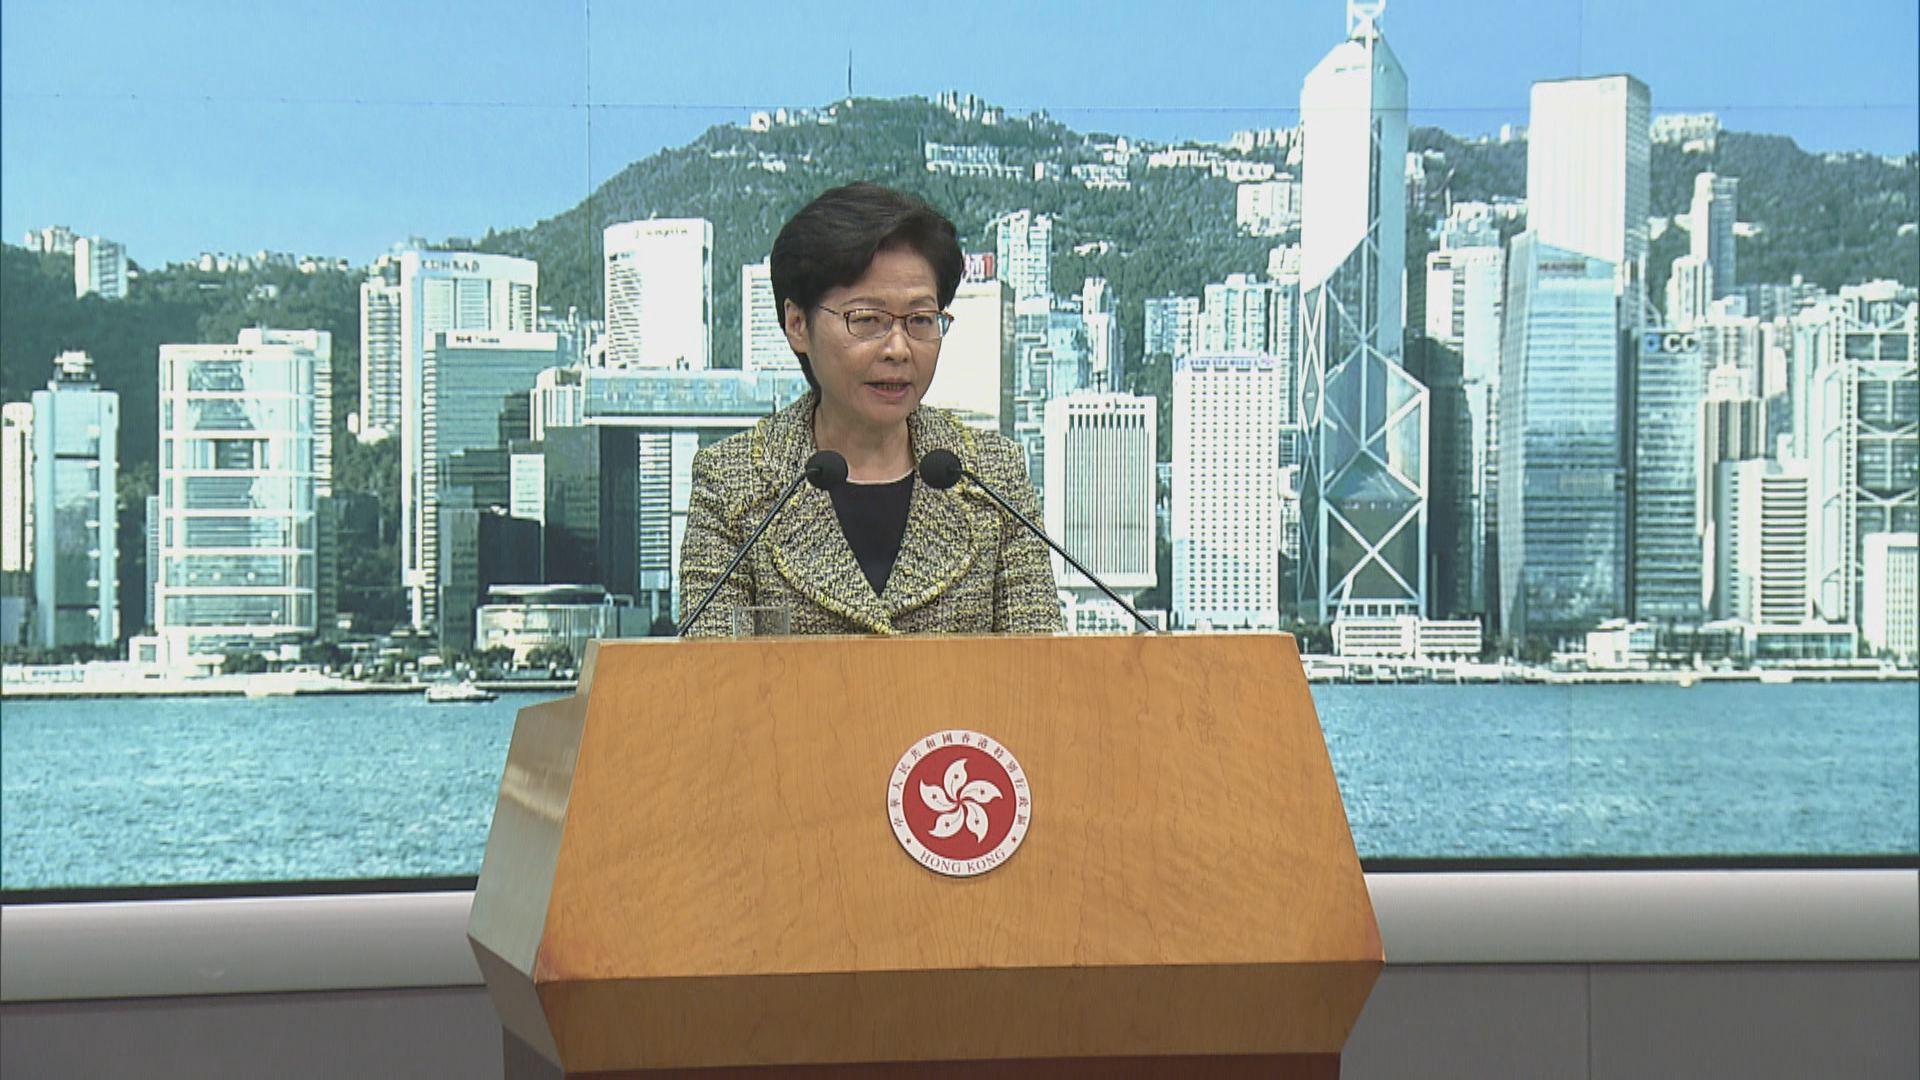 林鄭:若律師會政治凌駕專業會終止關係